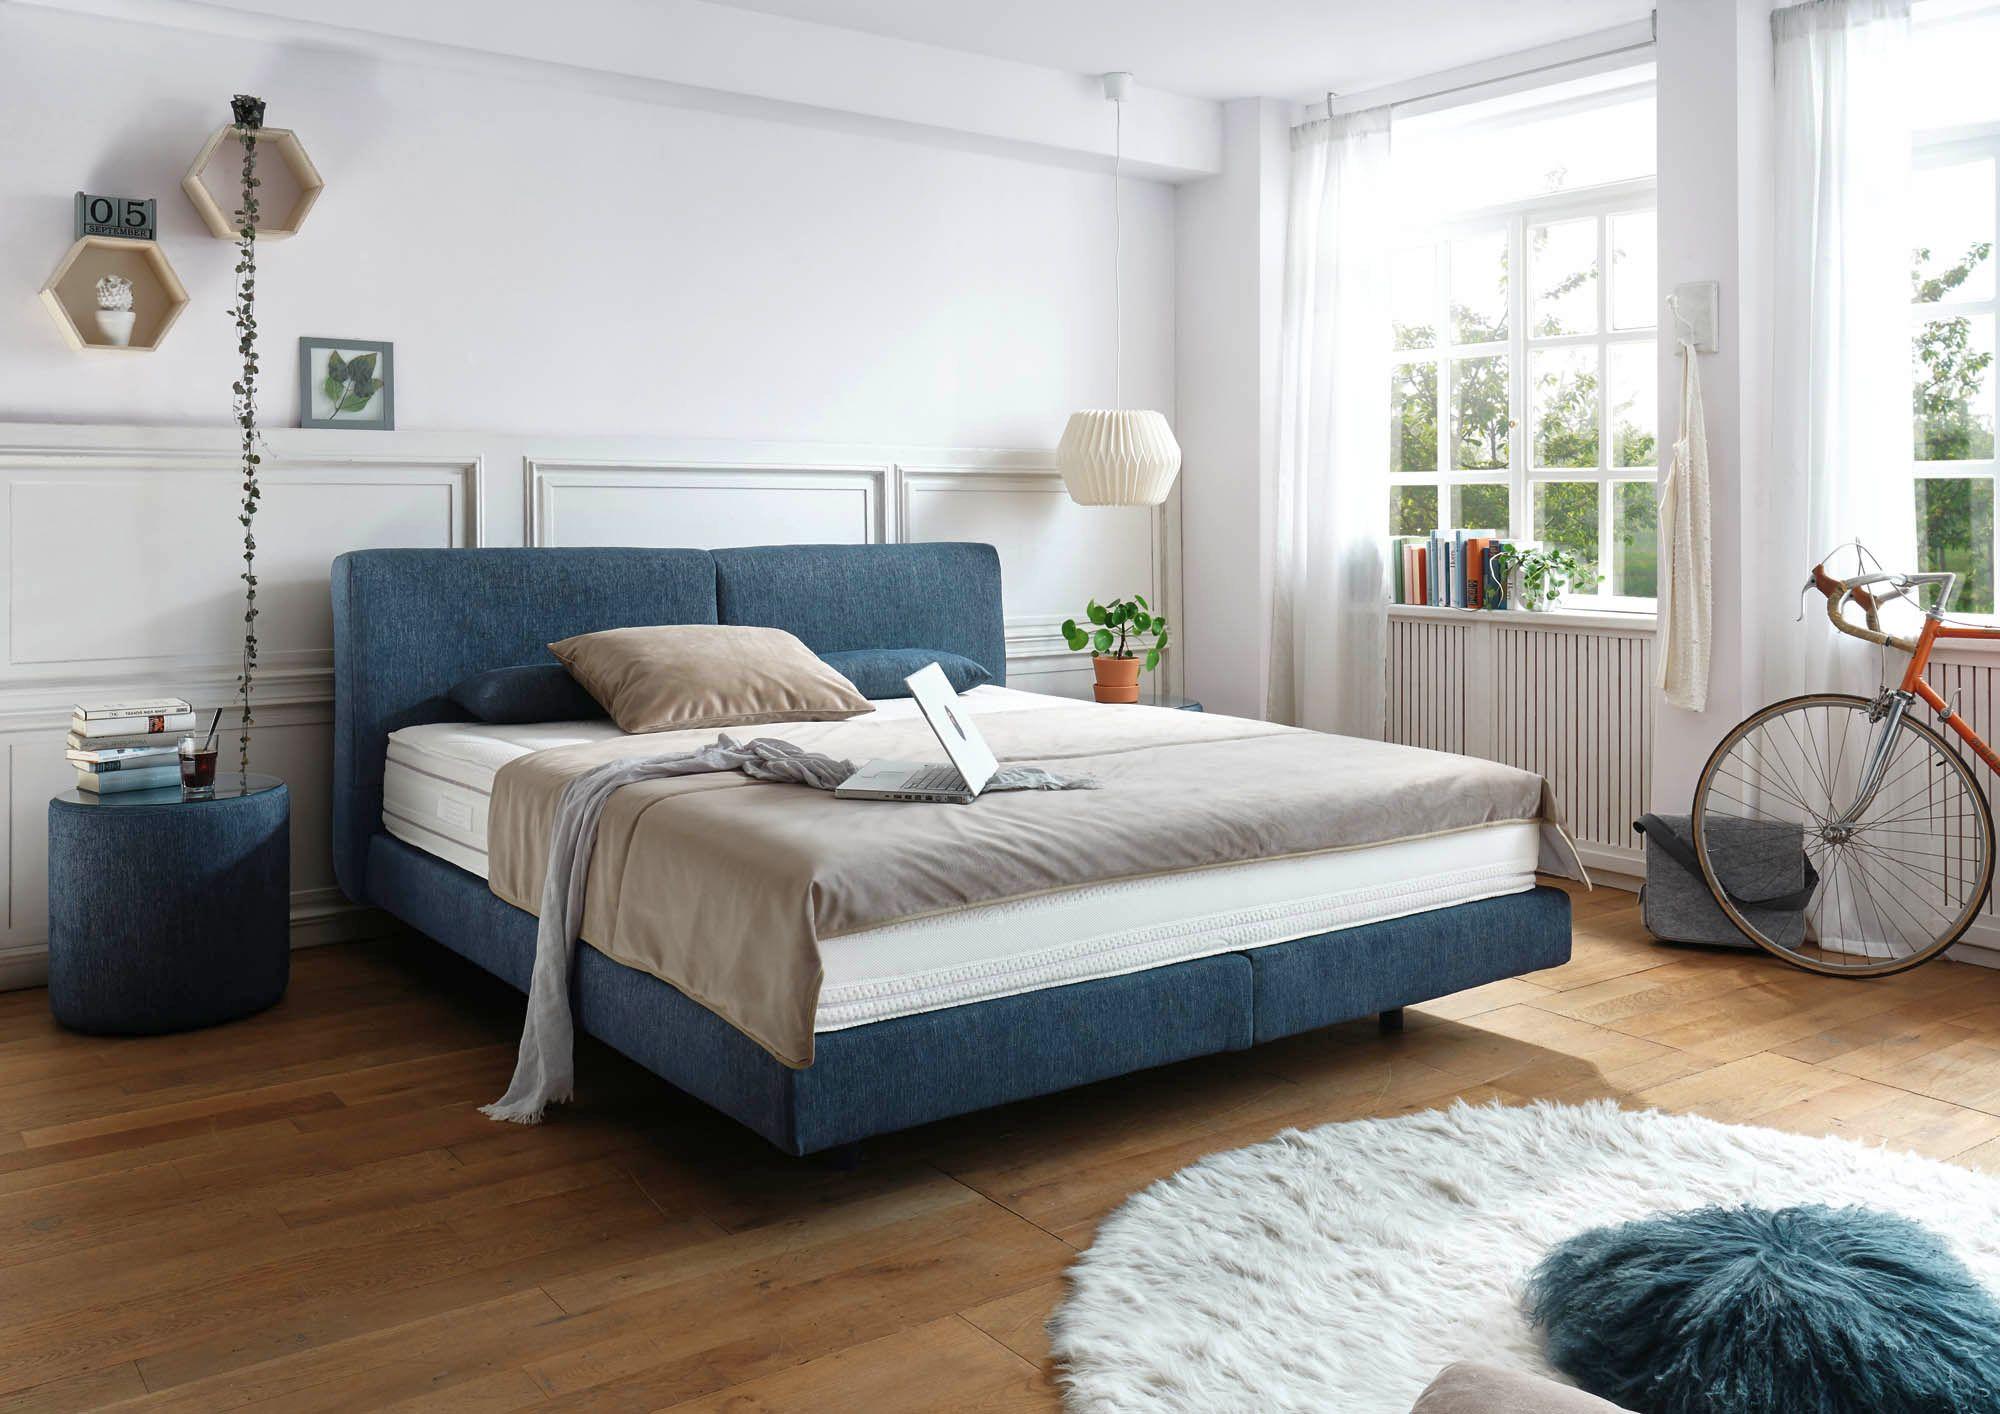 Full Size of Boxspringbetten Mbel Mayer Badezimmer Teppich Betten Günstig Kaufen Sanieren Deckenleuchten Wohnzimmer Sofa Mit Schlaffunktion Federkern Bodenfliesen Bad Bett Www Moebel De Betten